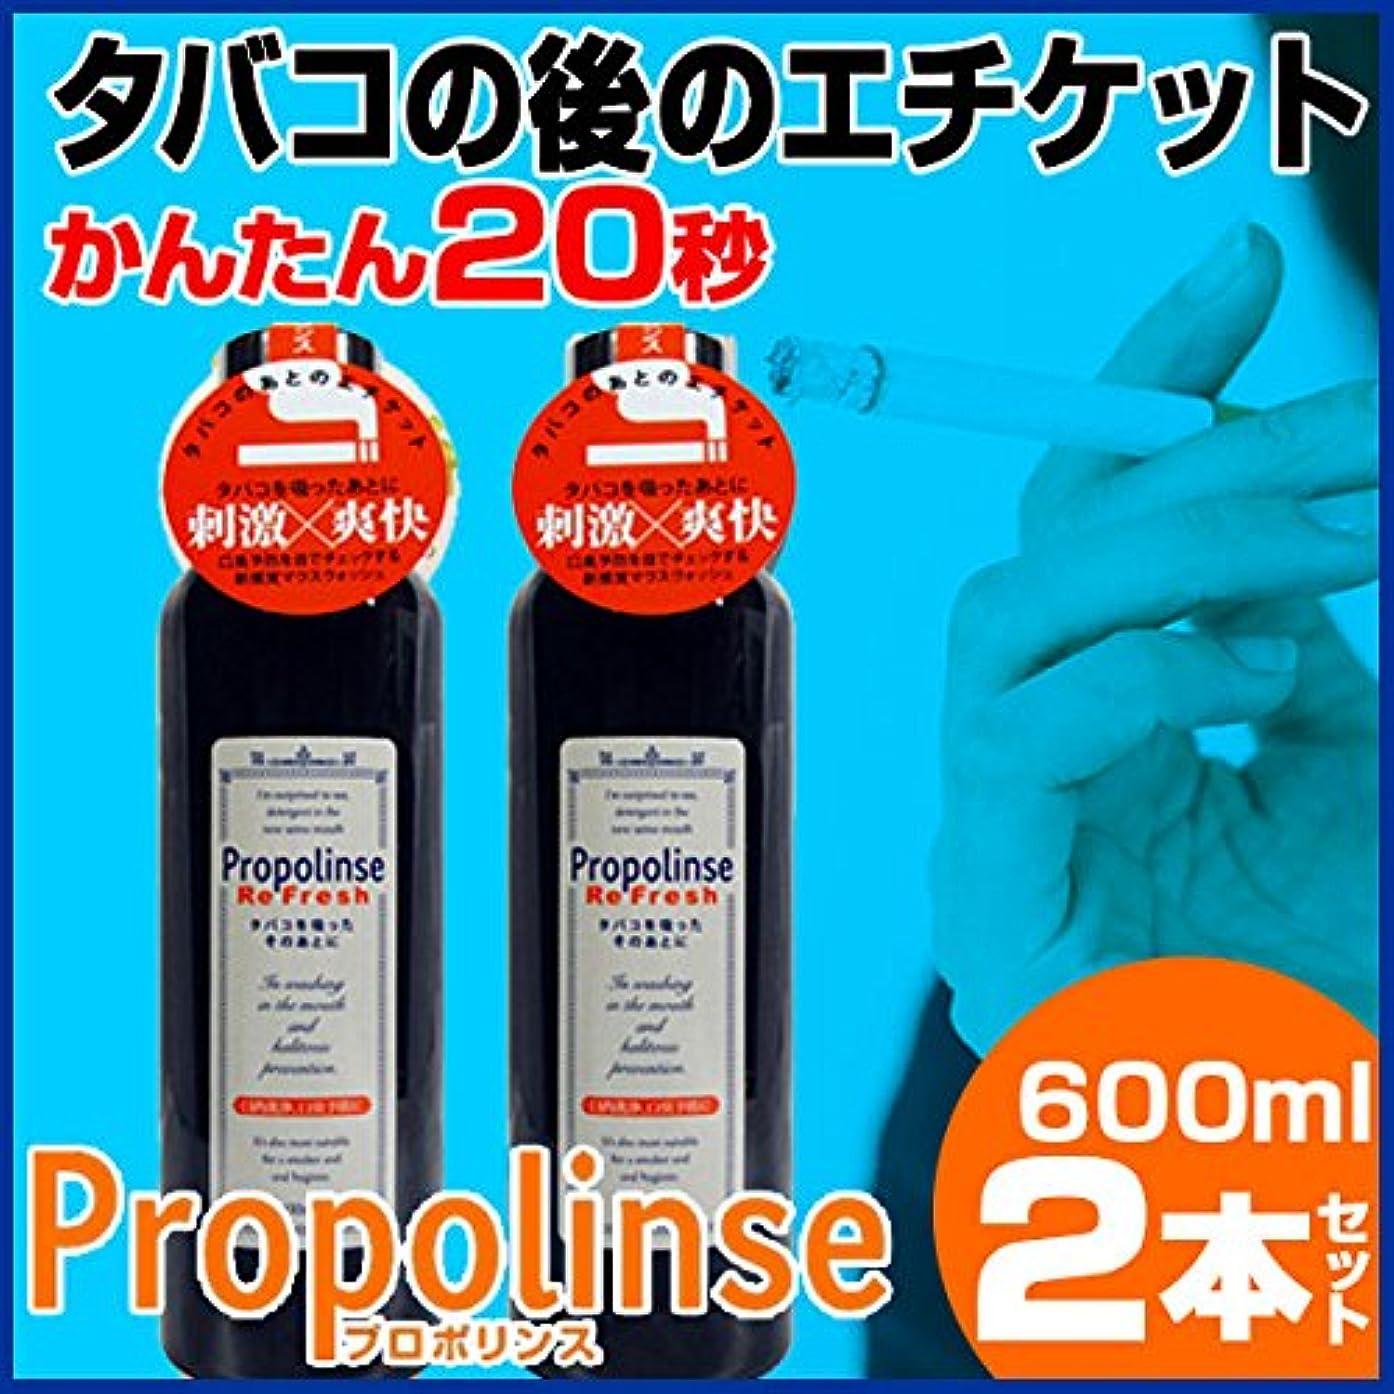 対人改善する気味の悪いプロポリンス リフレッシュ600ml【まとめ買い2個セット】